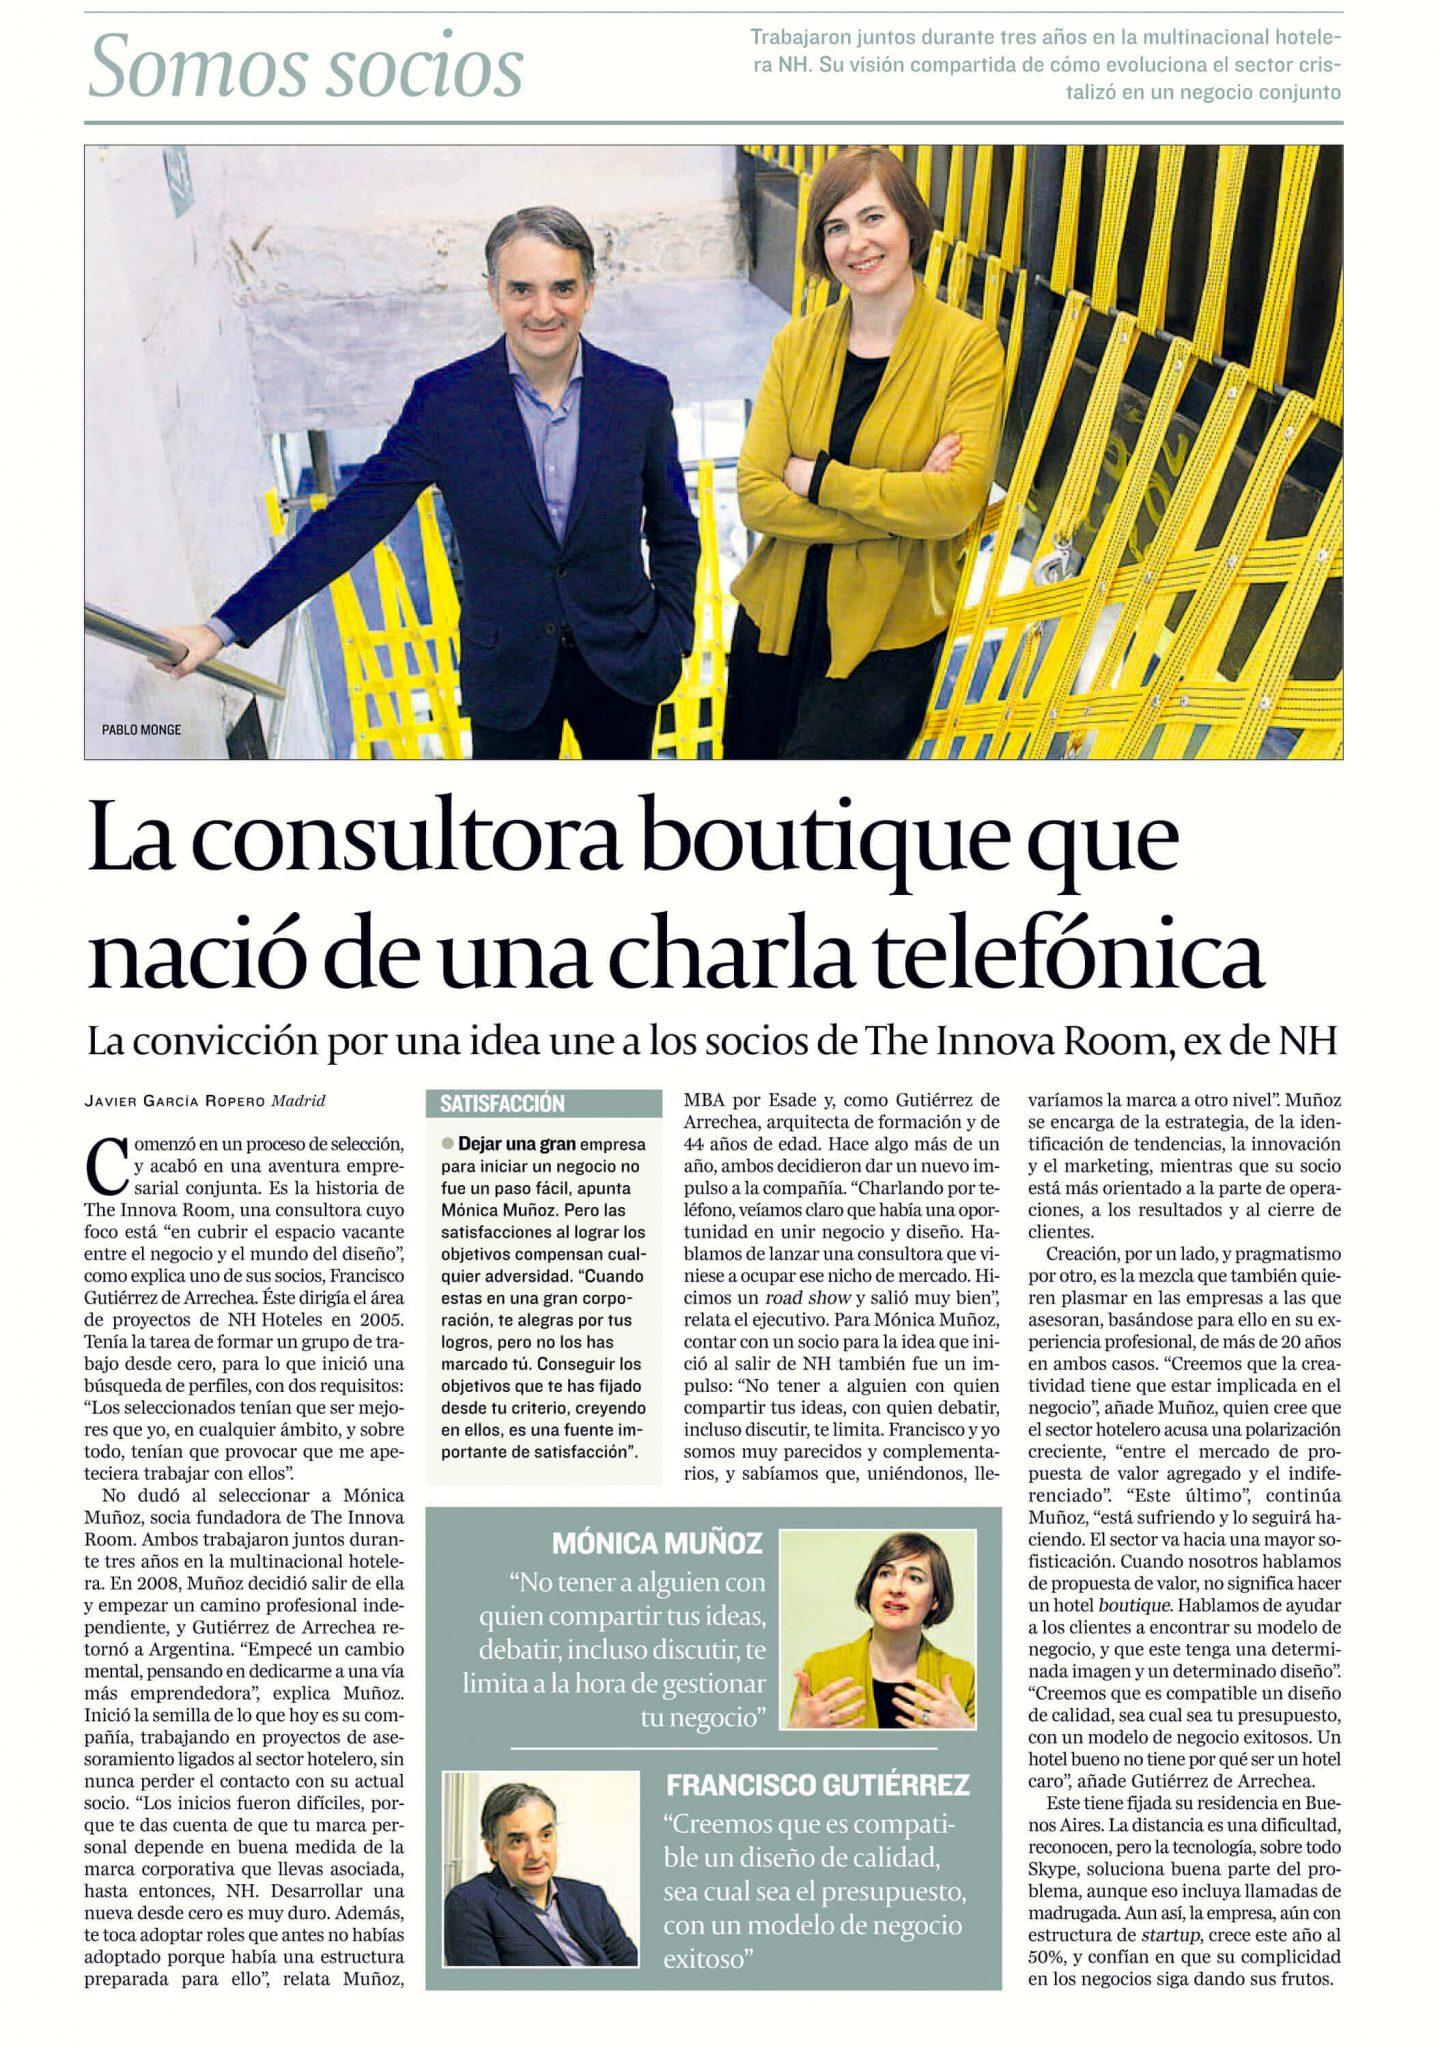 20160722_La consultora boutique que nació de una charla telefónica_CINCO DÍAS